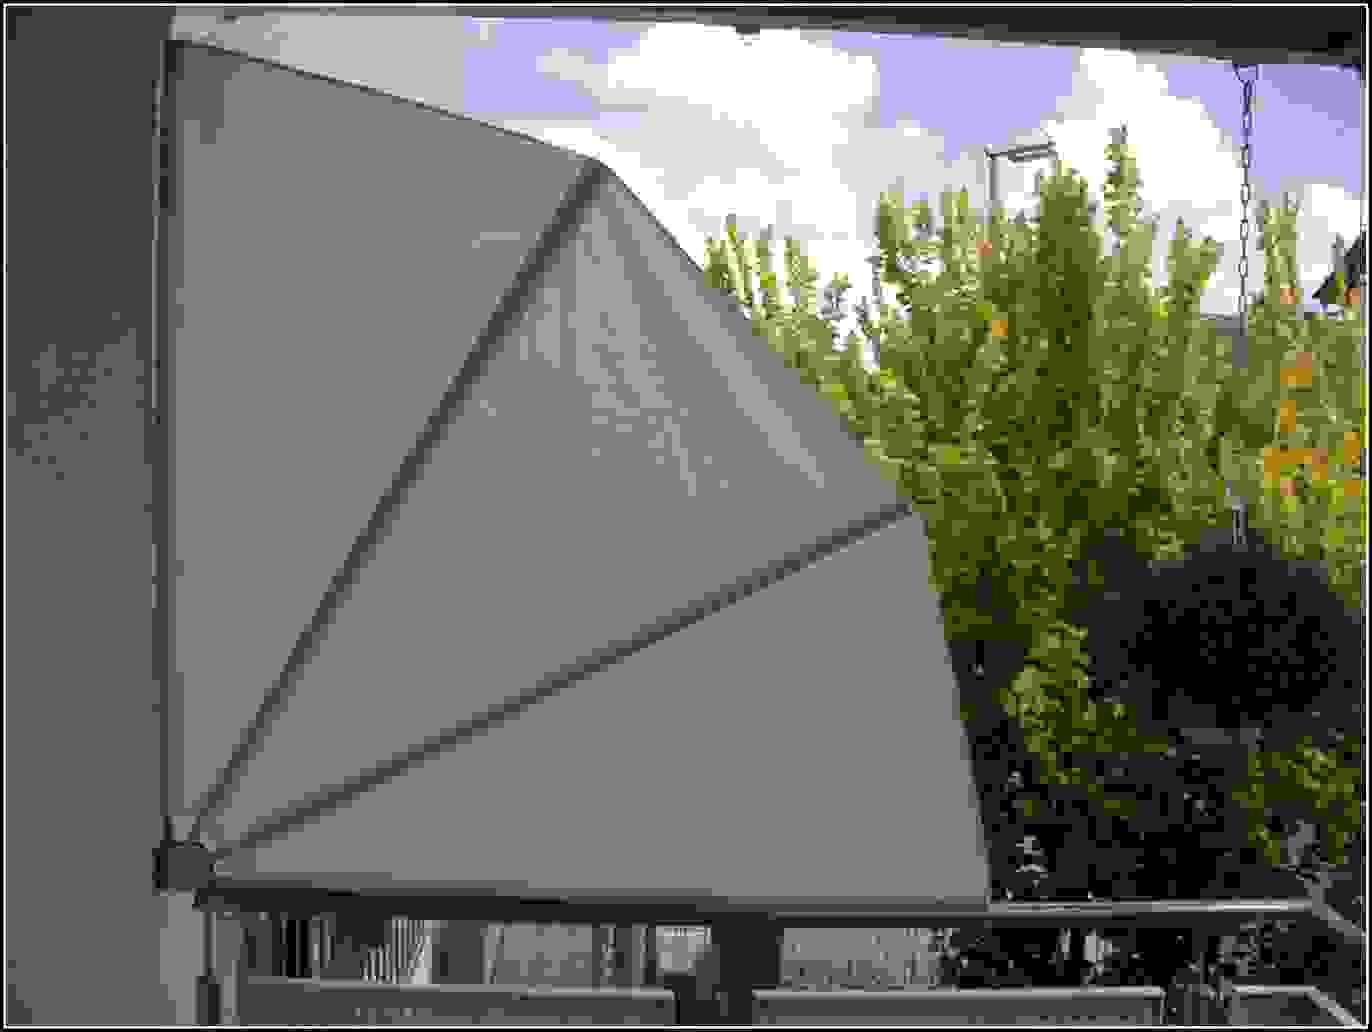 Frisch Von Sichtschutz Fächer Für Balkon Ohne Bohren Ideen  Moderne von Balkon Sichtschutz Seitlich Ohne Bohren Photo